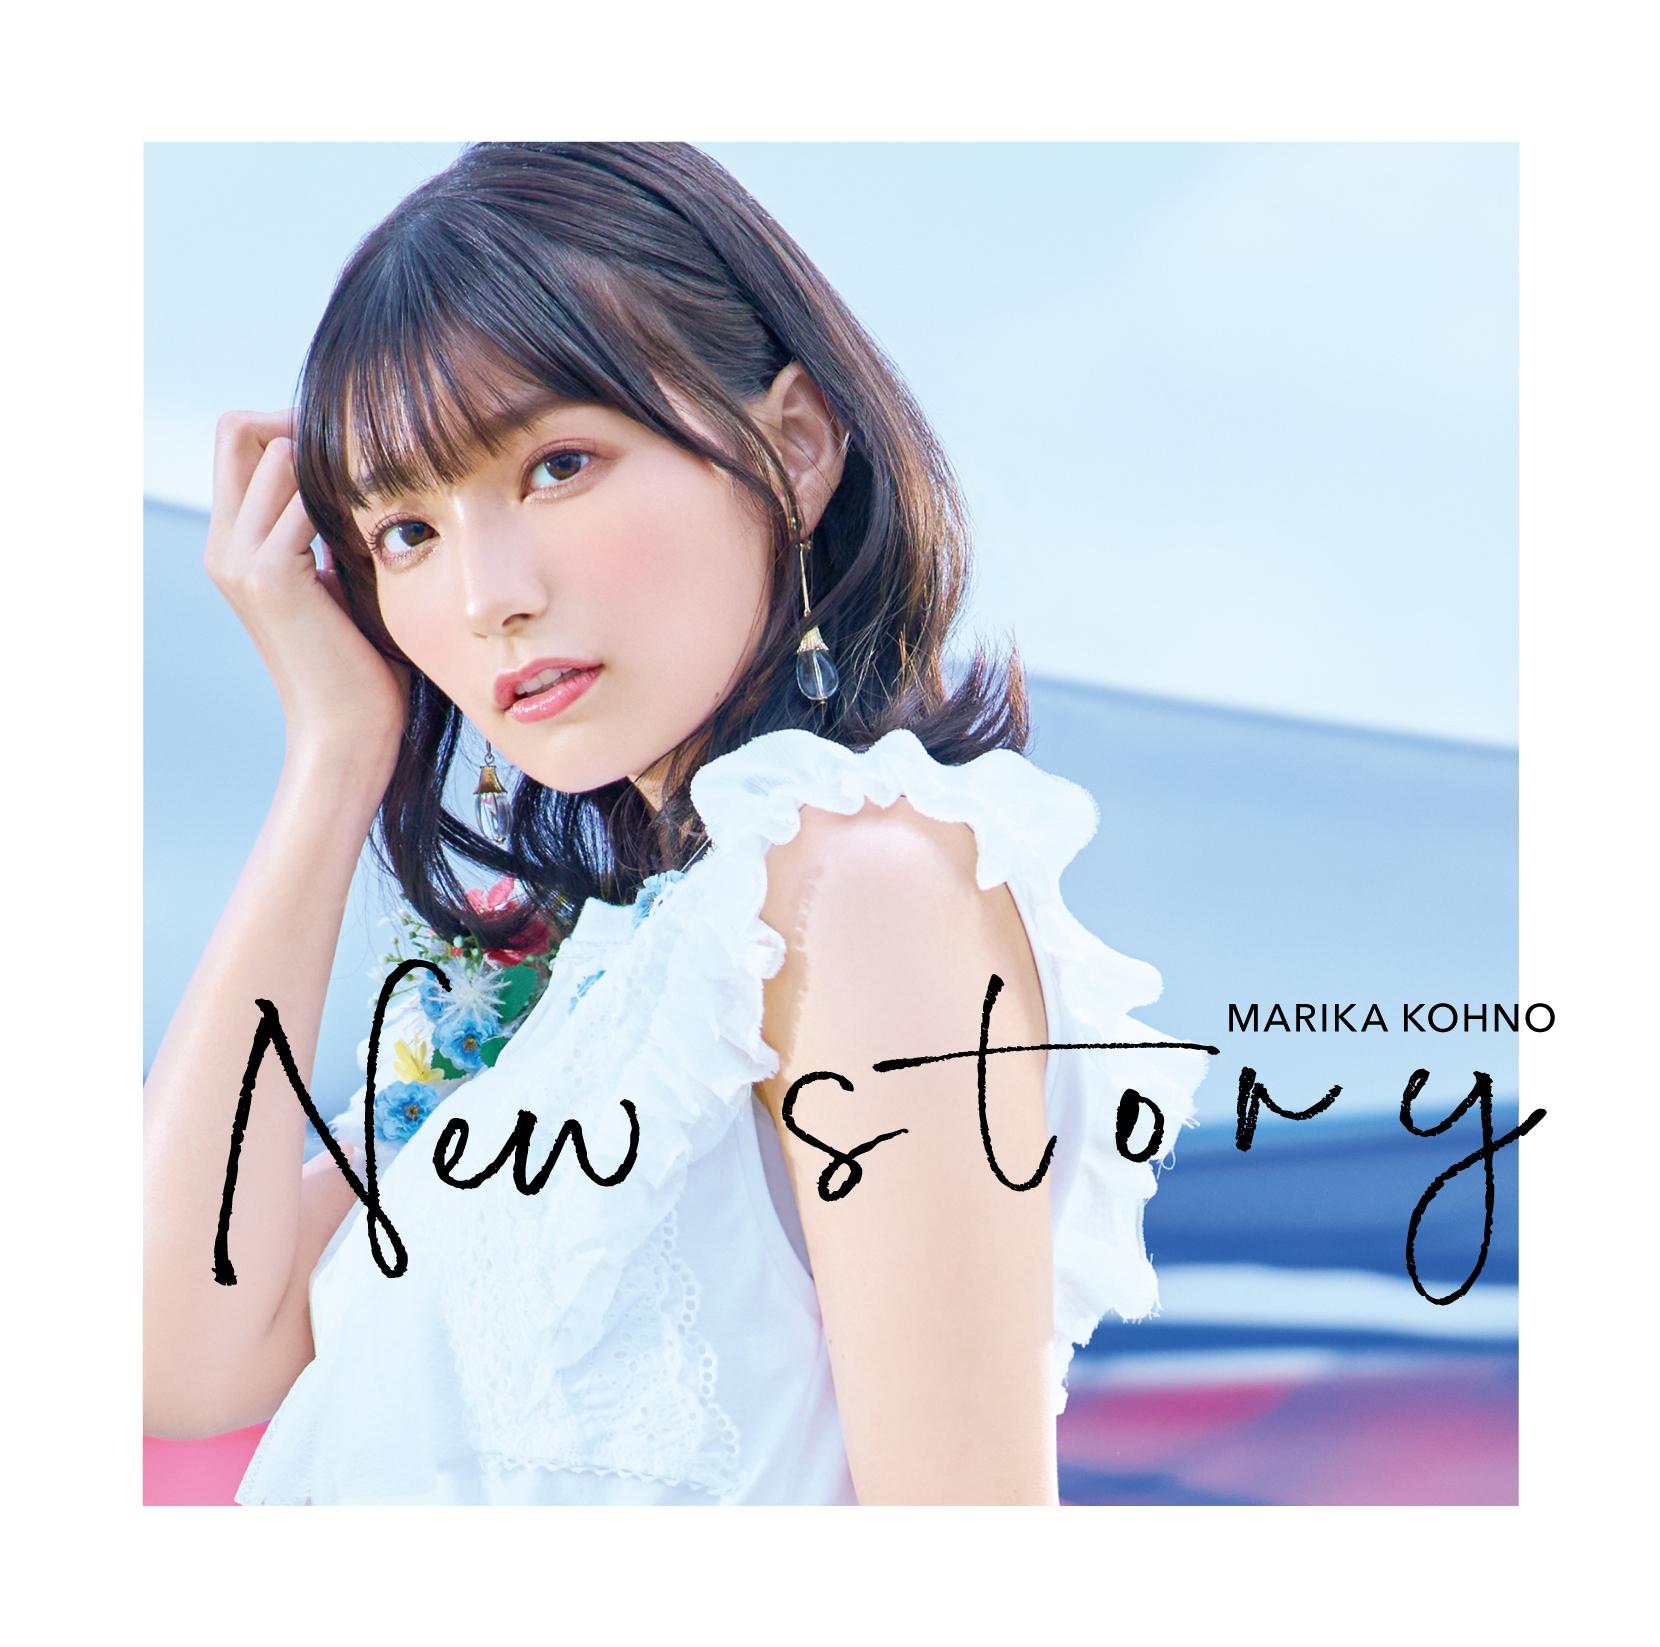 高野麻里佳 2nd シングル「New story」【初回限定盤】